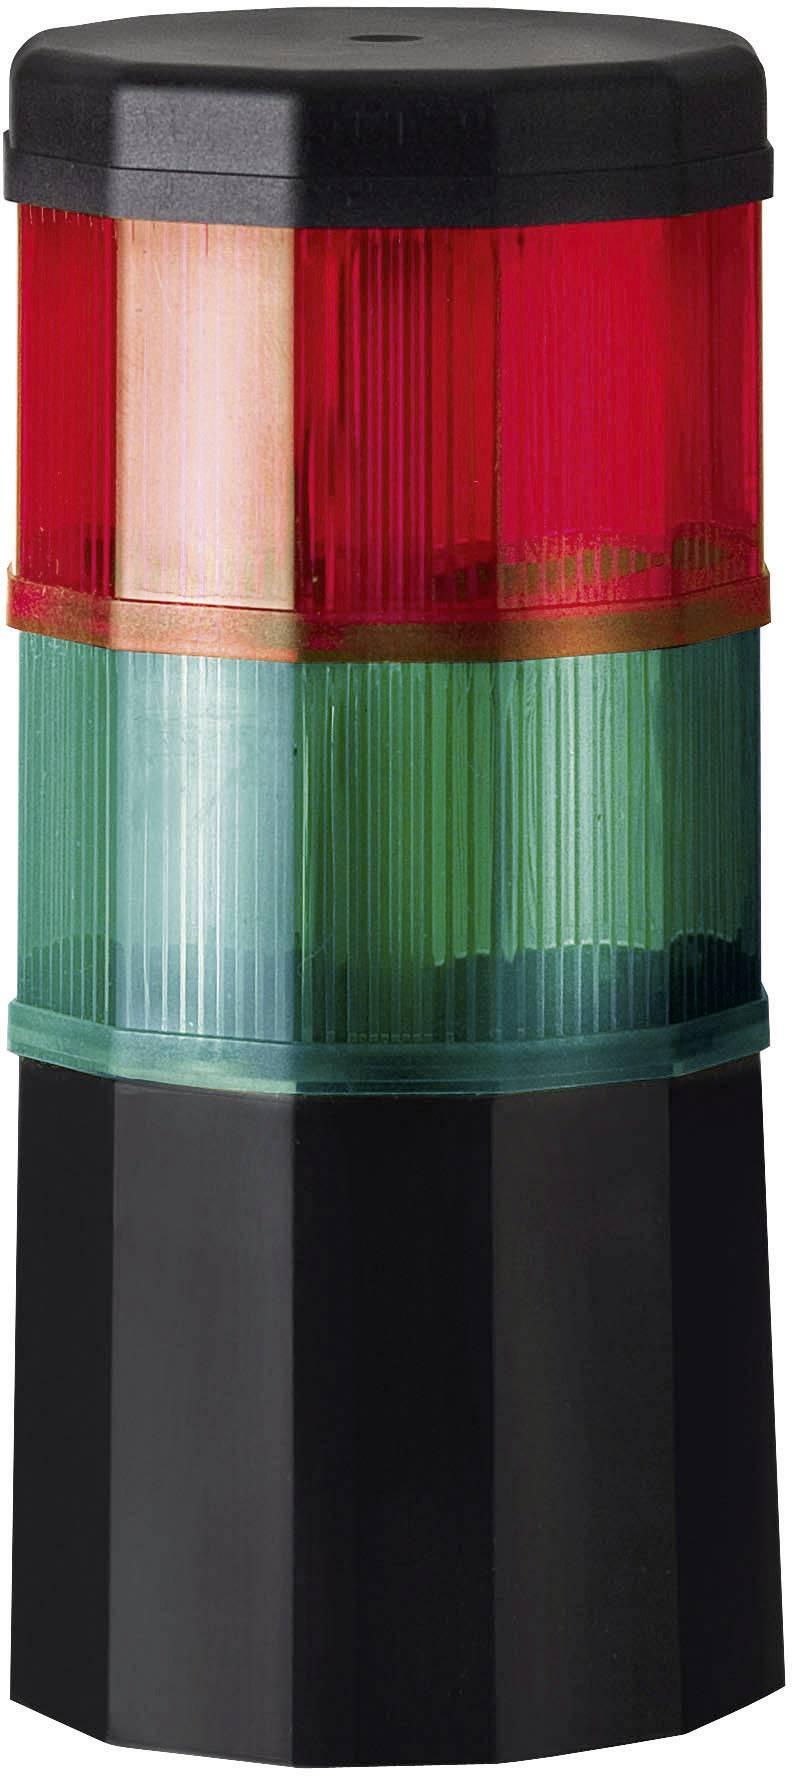 LED signalizační sloupec Werma Fernost 696.019.75, 60 mA, IP54, zelená/červená